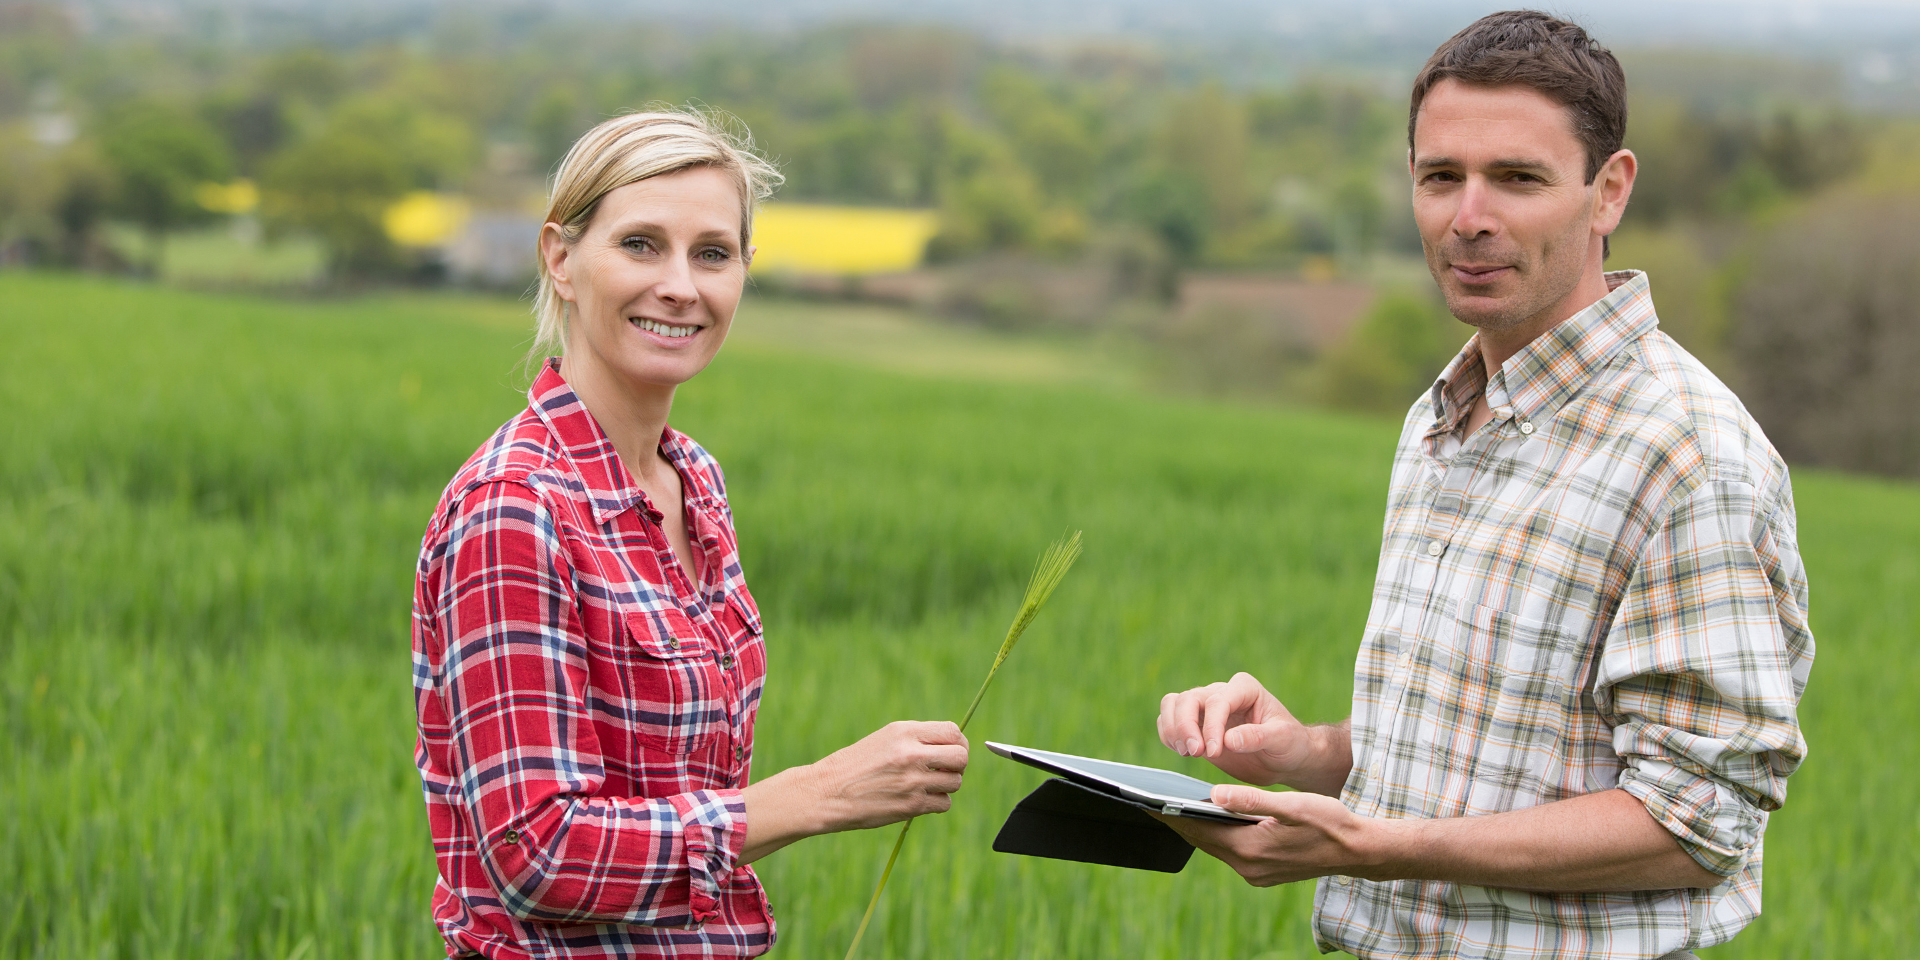 Qu'est-ce qui fait de vous un bon TC auprès des agriculteurs ?